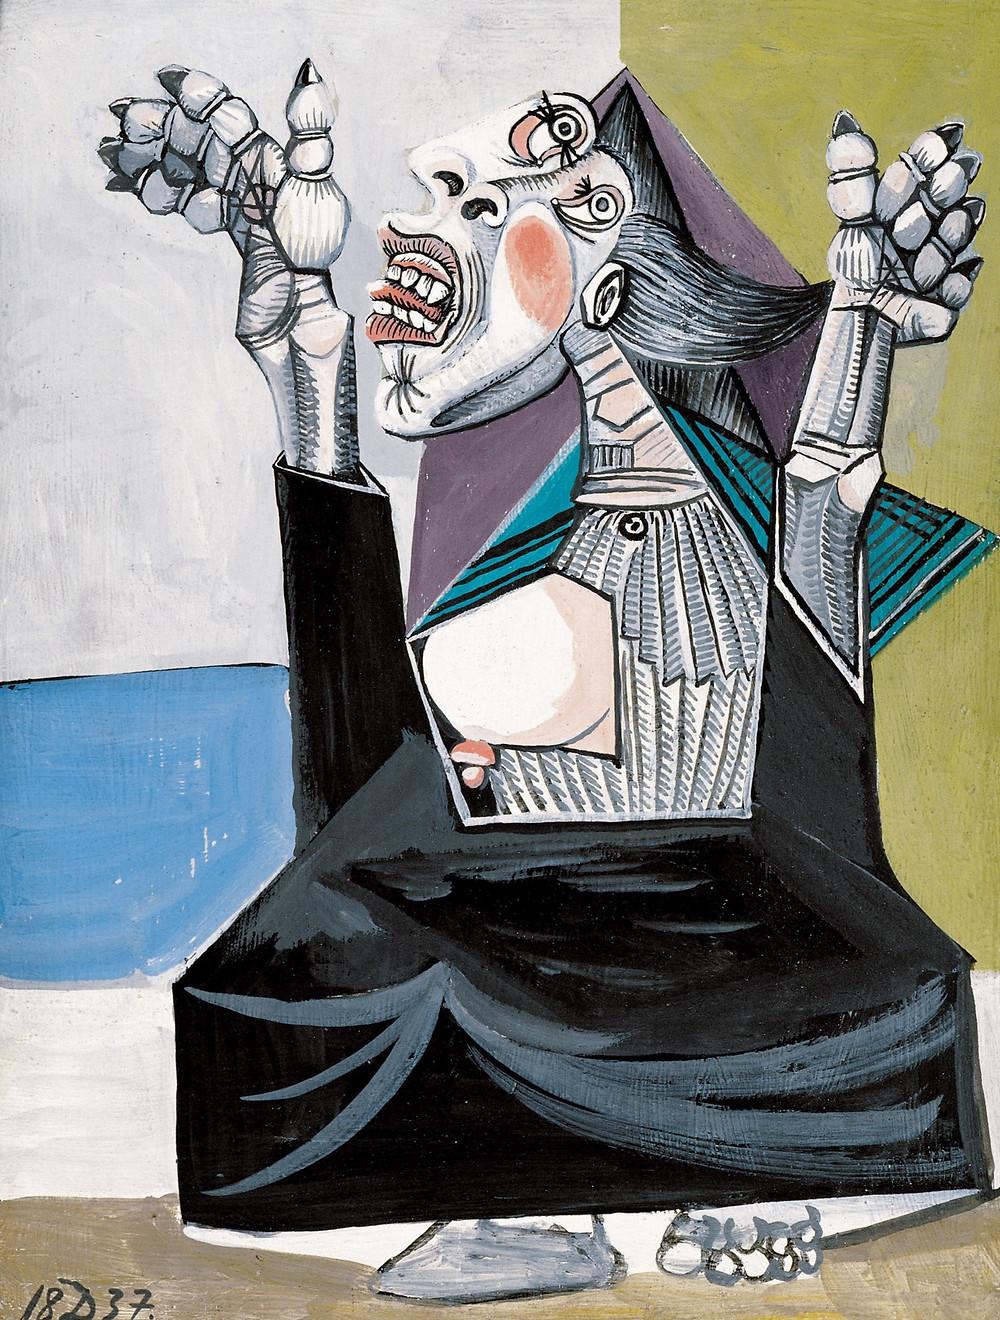 Pablo Picasso, The Suppliant, 1937